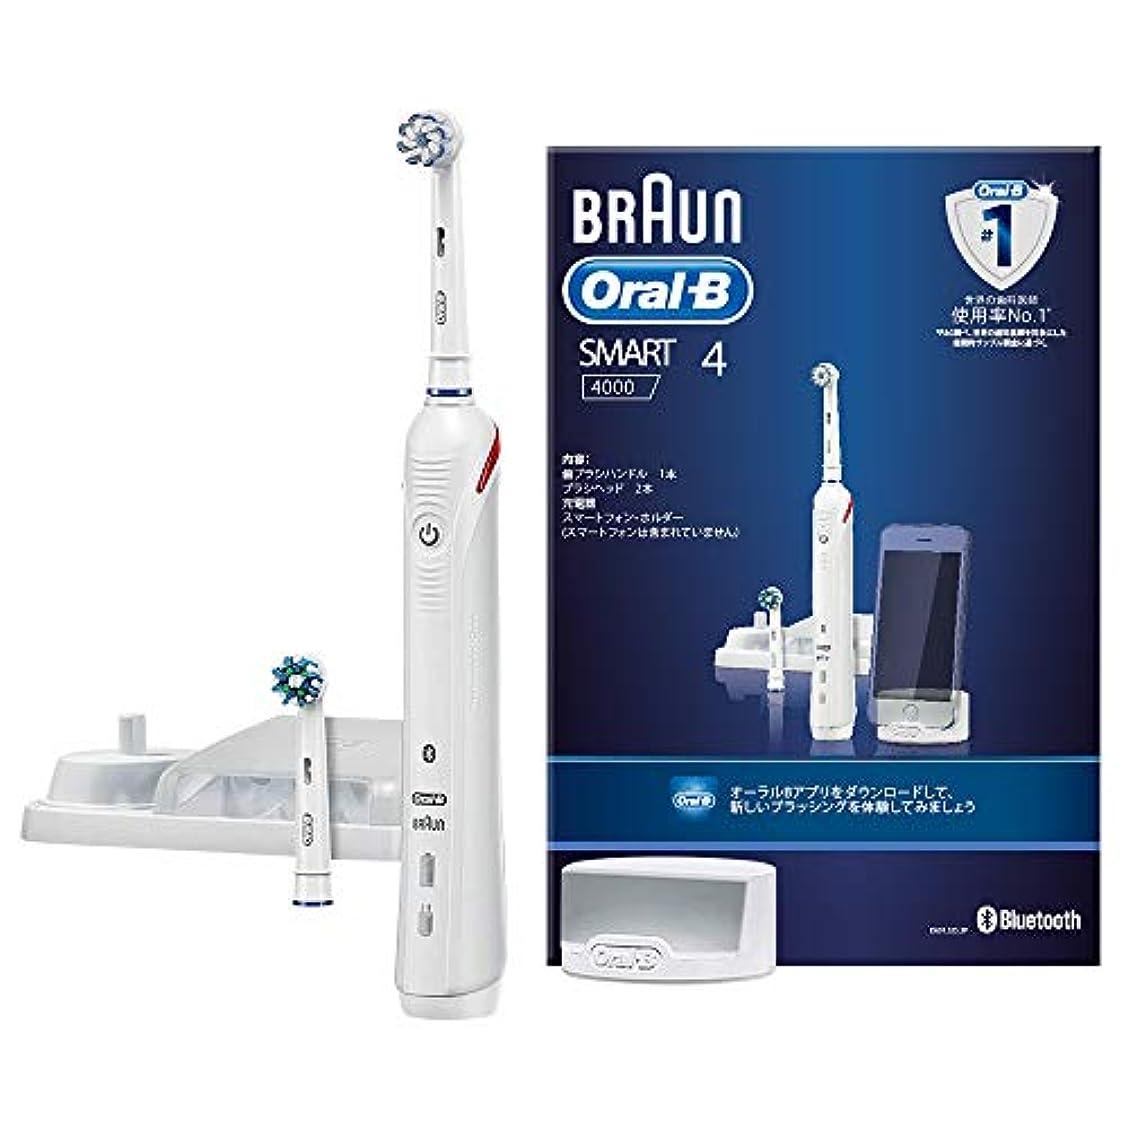 ブレースイル墓ブラウン オーラルB 電動歯ブラシ スマート4000 D6015253P